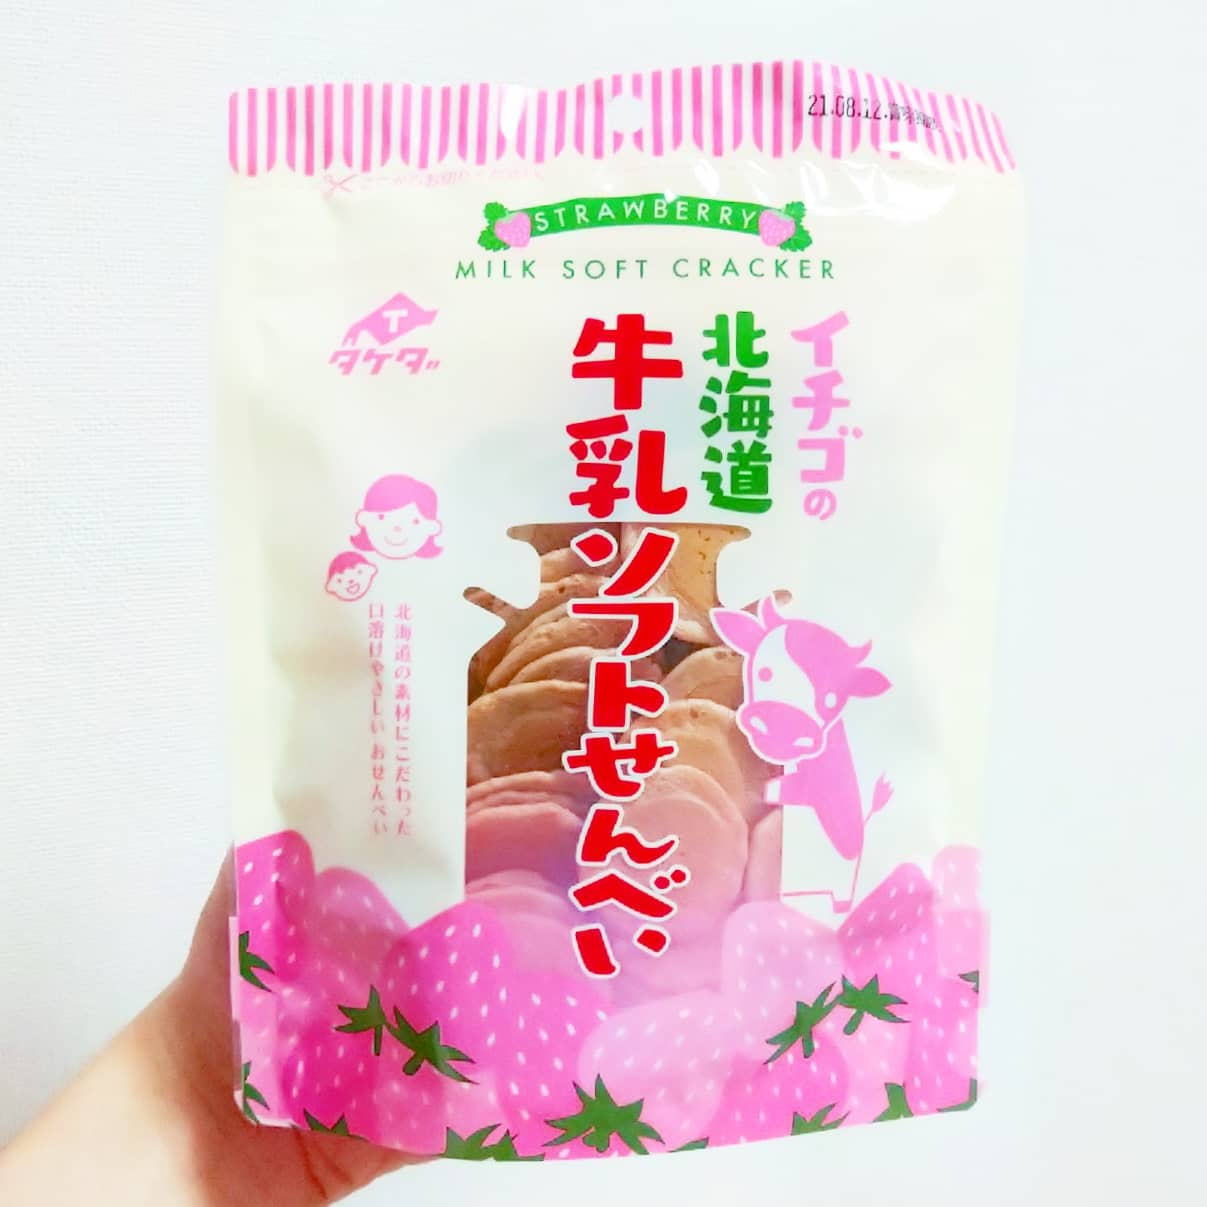 #いちごミルクラブ #タケダ製菓 #イチゴの北海道牛乳ソフトせんべい 謎イチゴ系--☆--本物イチゴ系甘さ強め系--☆--控え目系こってり系--☆--さっぱり系超ミルク系--☆--生クリーム系おもいで度--☆-- #侍猫度ほのかに謎苺牛乳が口の中で広がる牛乳せんべいだね。卵ボーロ的優しい味の小さなサクサク煎餅がたっぷり入ってて、1枚づつより5枚くらい一気に食べた方が苺牛乳感がくるよ。成城石井で買ったやつだよ。#いちごオレ #いちごオレ味 #いちごミルク #いちごミルクみたい #いちご牛乳 #いちご牛乳味 #イチゴ牛乳 #いちご牛乳クラブ #苺牛乳 #苺牛乳が好き #苺ミルク #苺スイーツ #苺 #苺好きに生まれたからには #メソギア派 #糖分 #いちごミルク味 #スイーツ #スイーツ好き #スイーツスタグラム #スイーツタイム #スイーツ写真 #strawberry #strawberrymilk